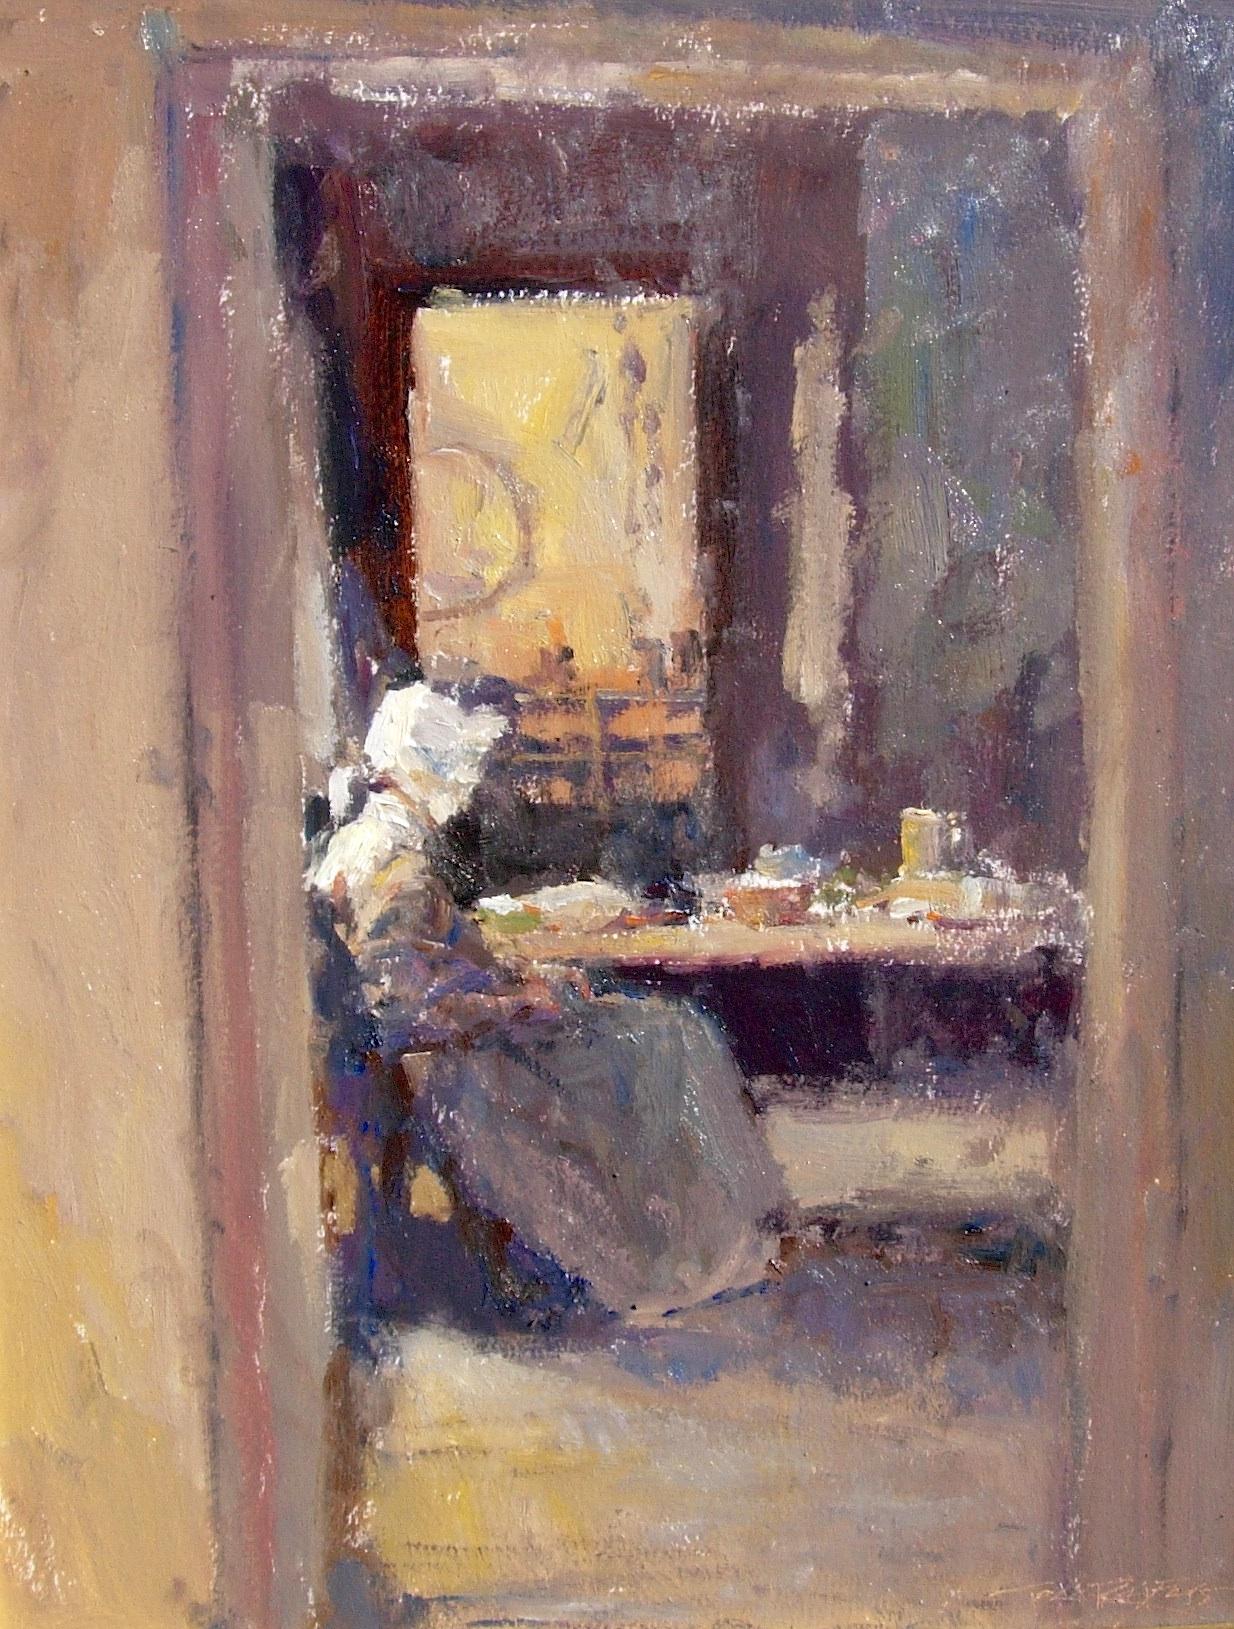 reifers-womandoor-cropped